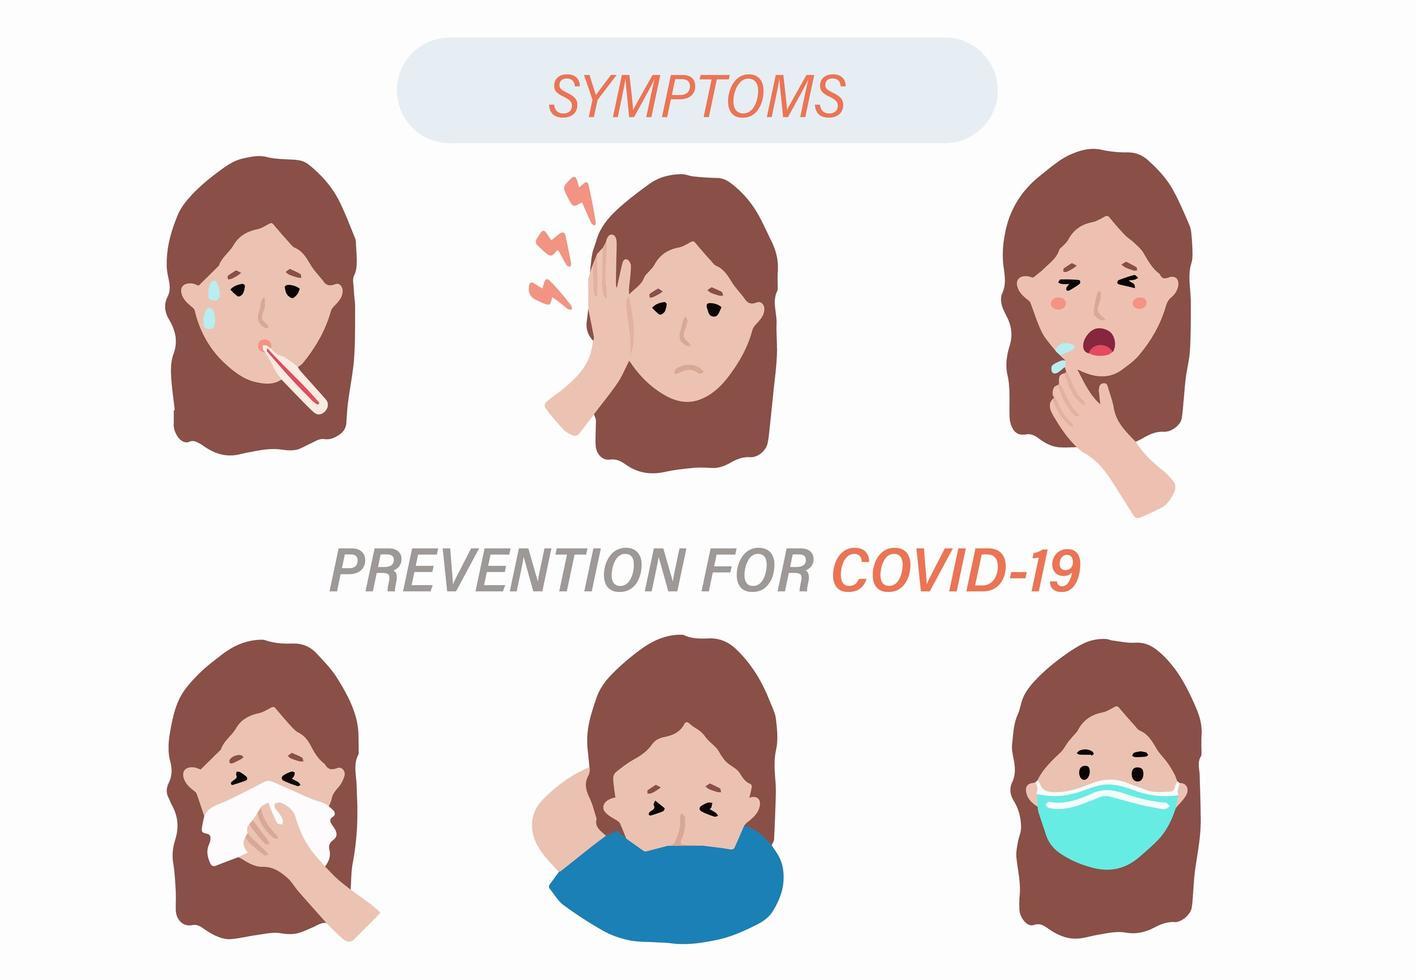 coronavirus symptom infographic vektor